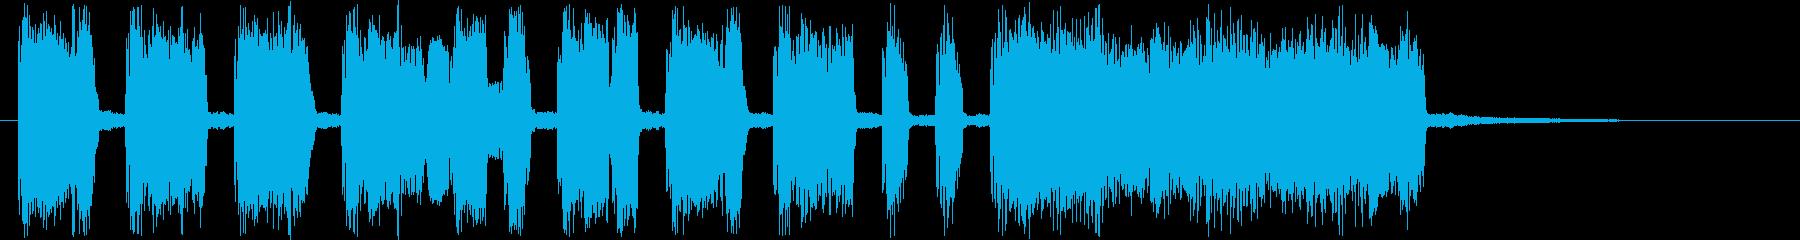 昔話や童話に便利なショートソングの再生済みの波形